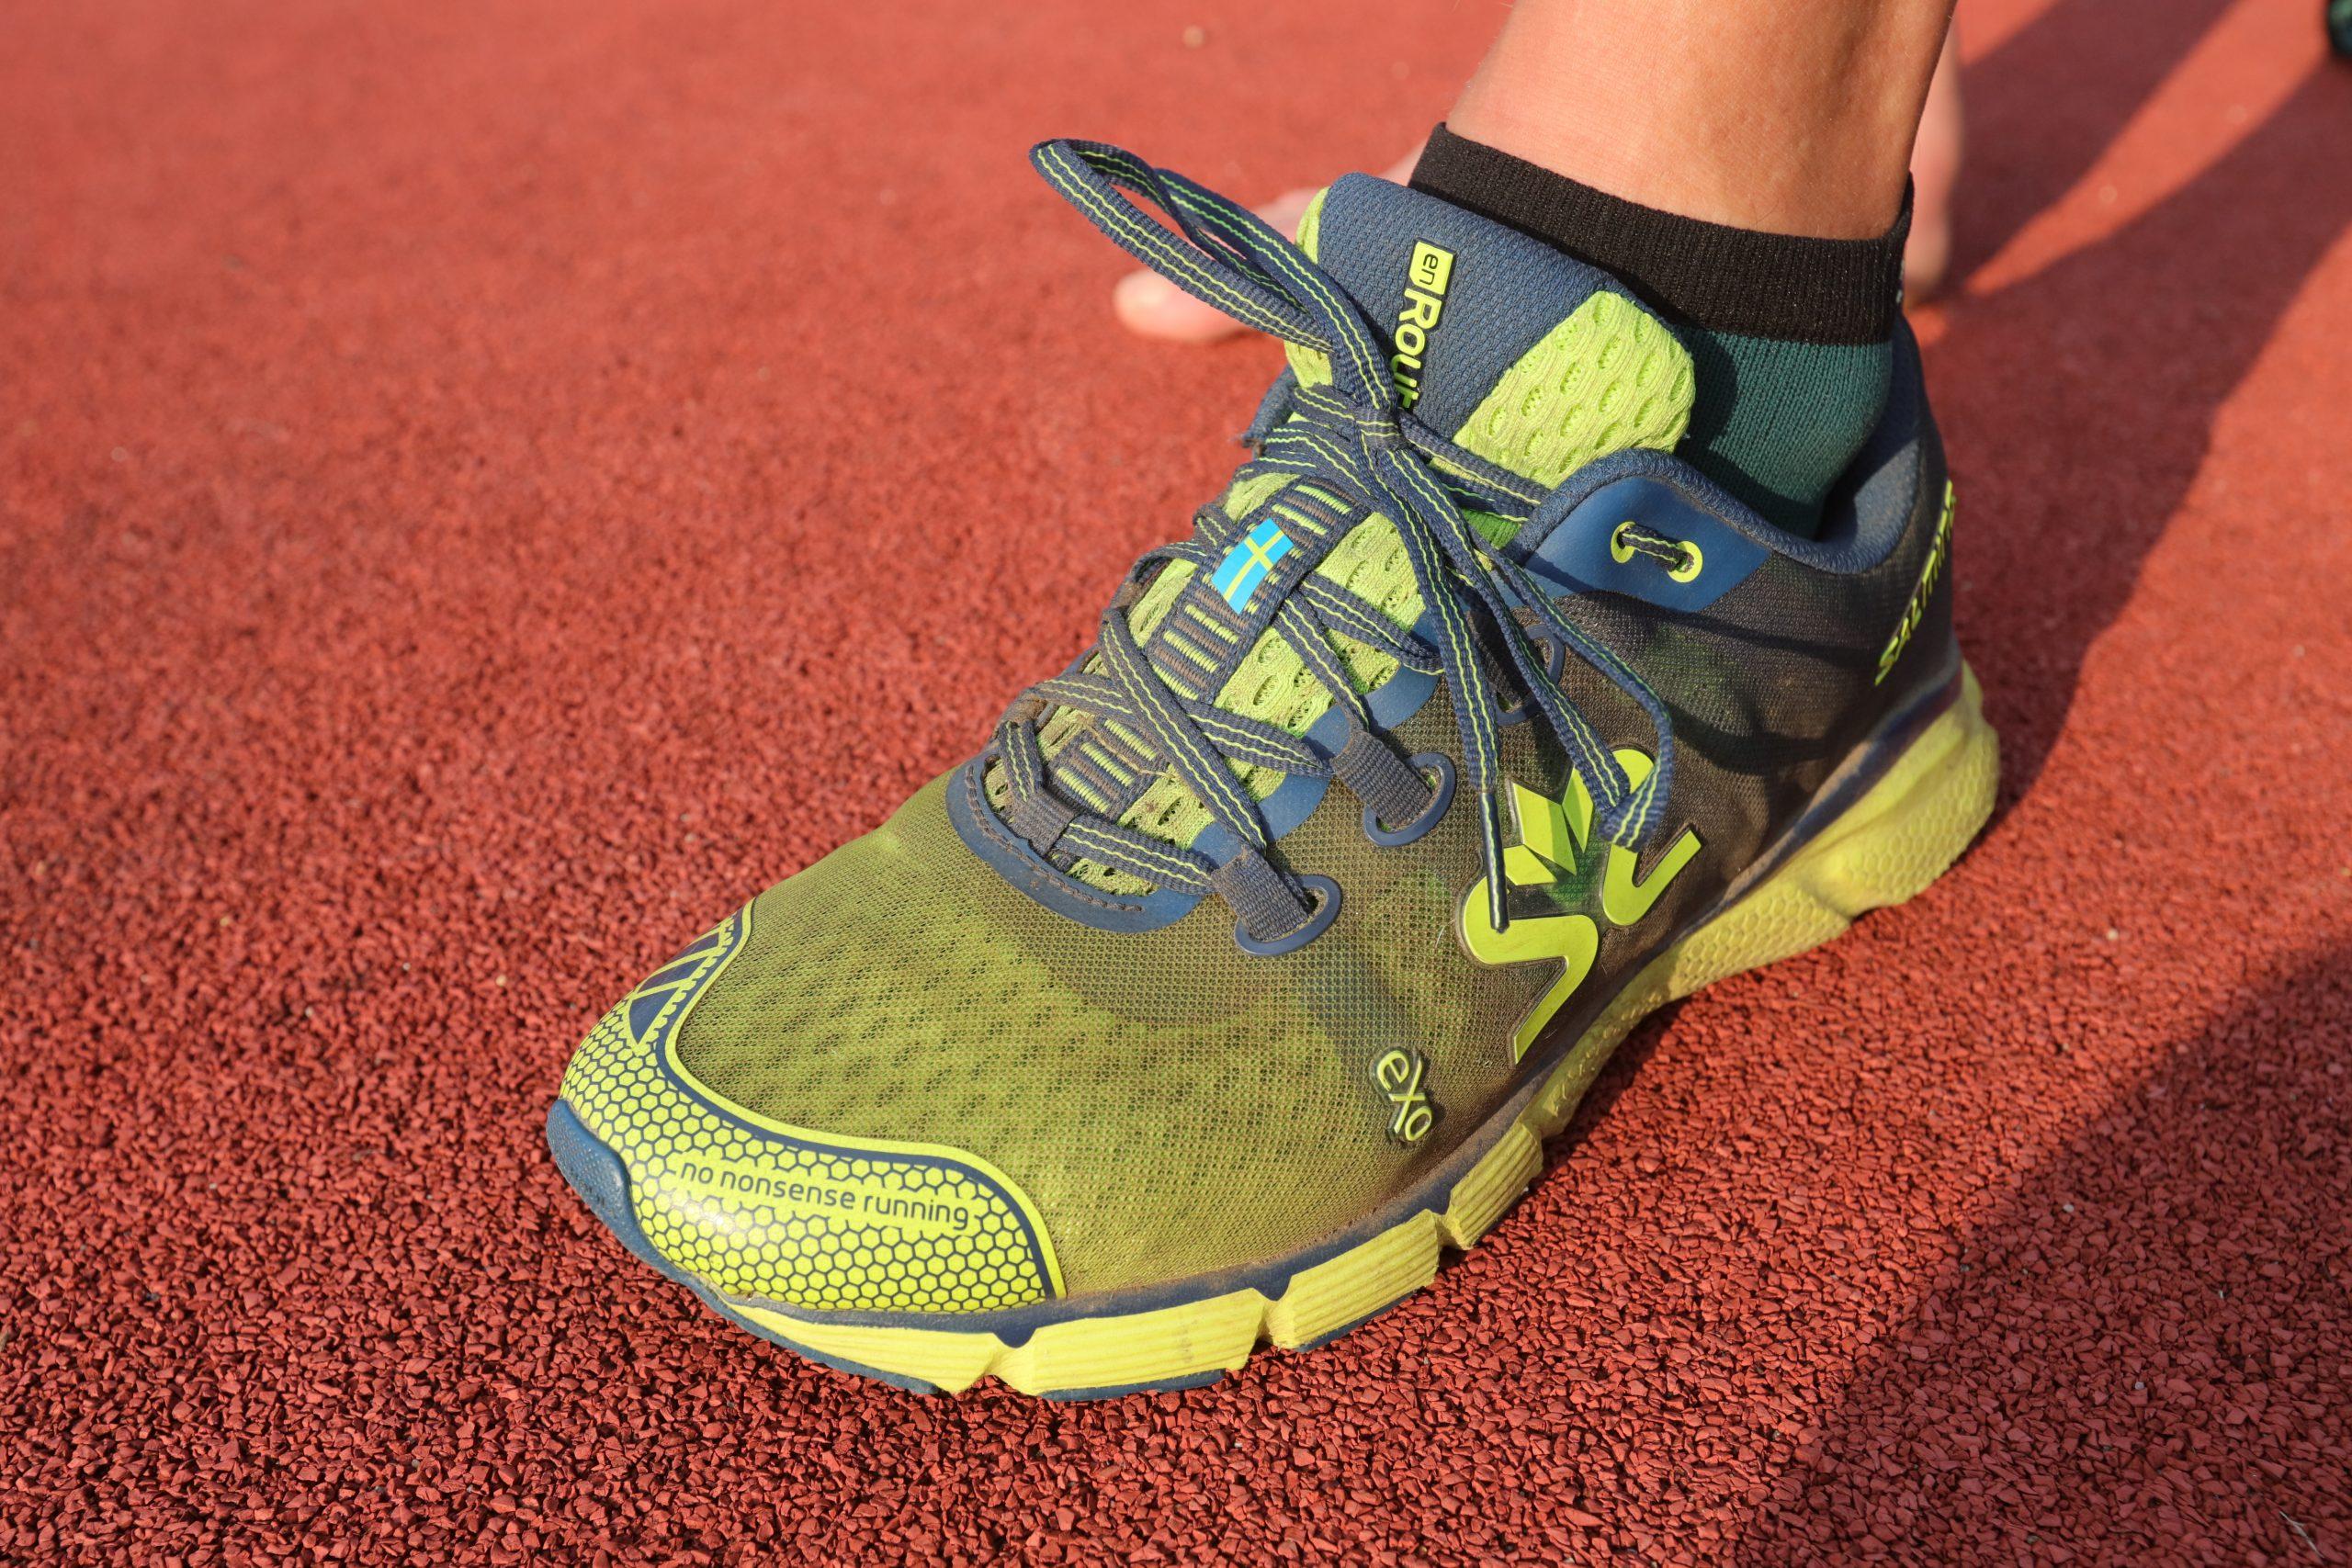 Povrch, po němž běháte, to je oč při výběru běžeckých bot běží odřená pata